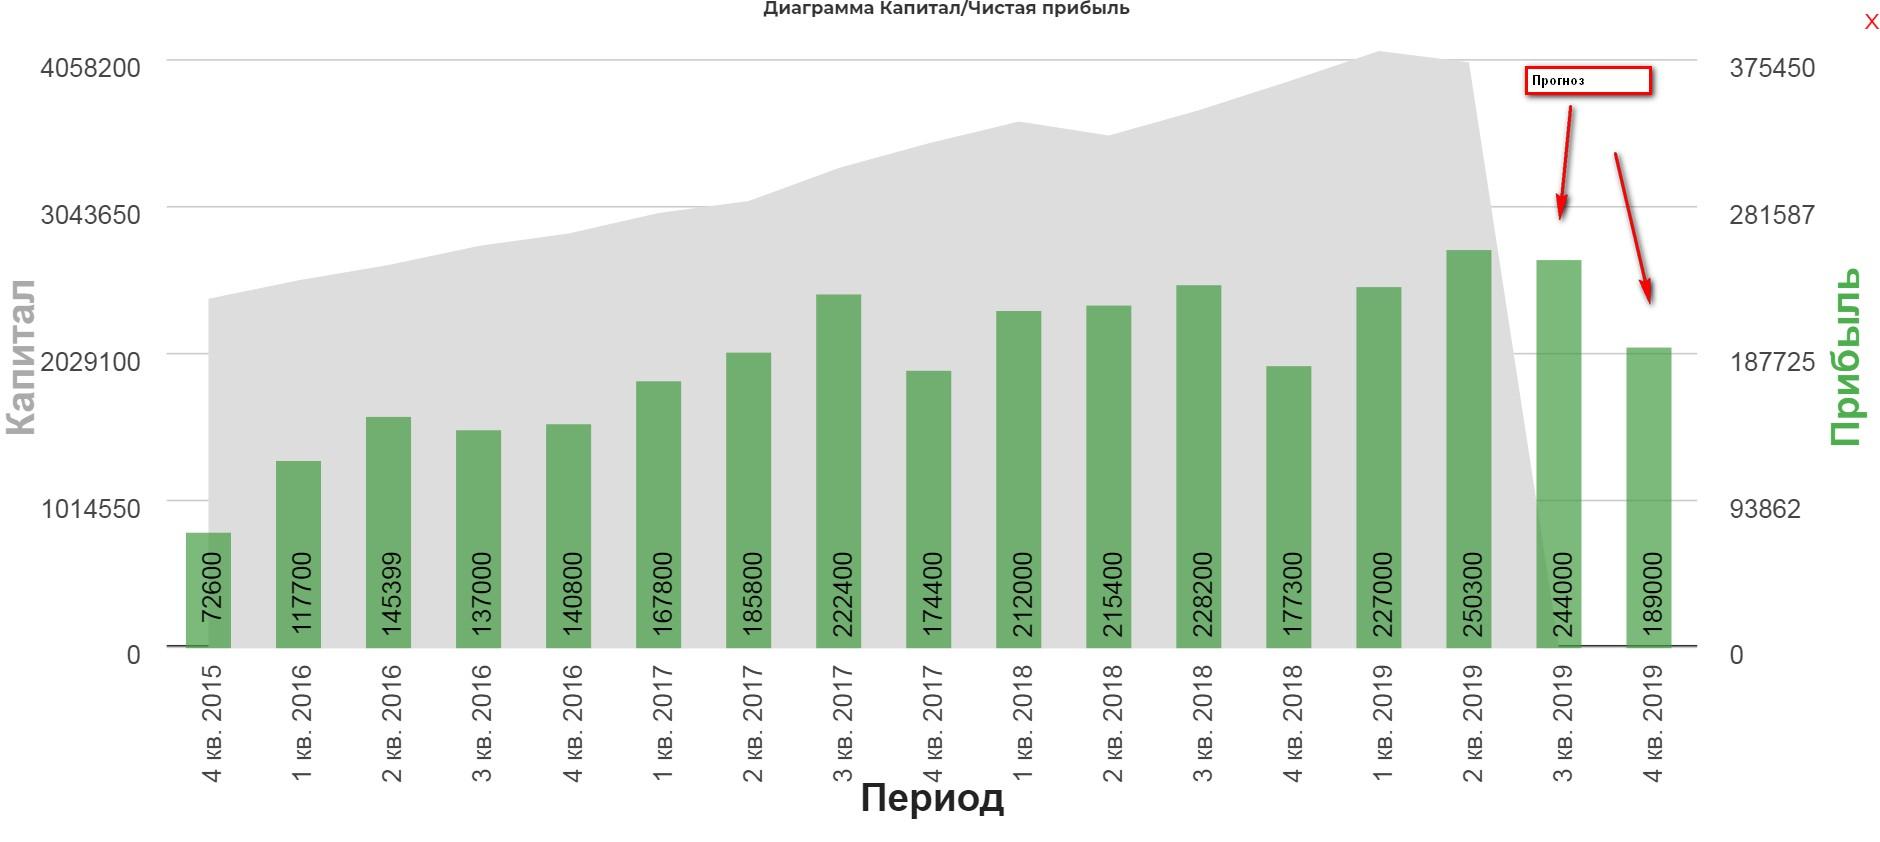 Обзор ситуации с продажей Сбербанком турецкой дочки.